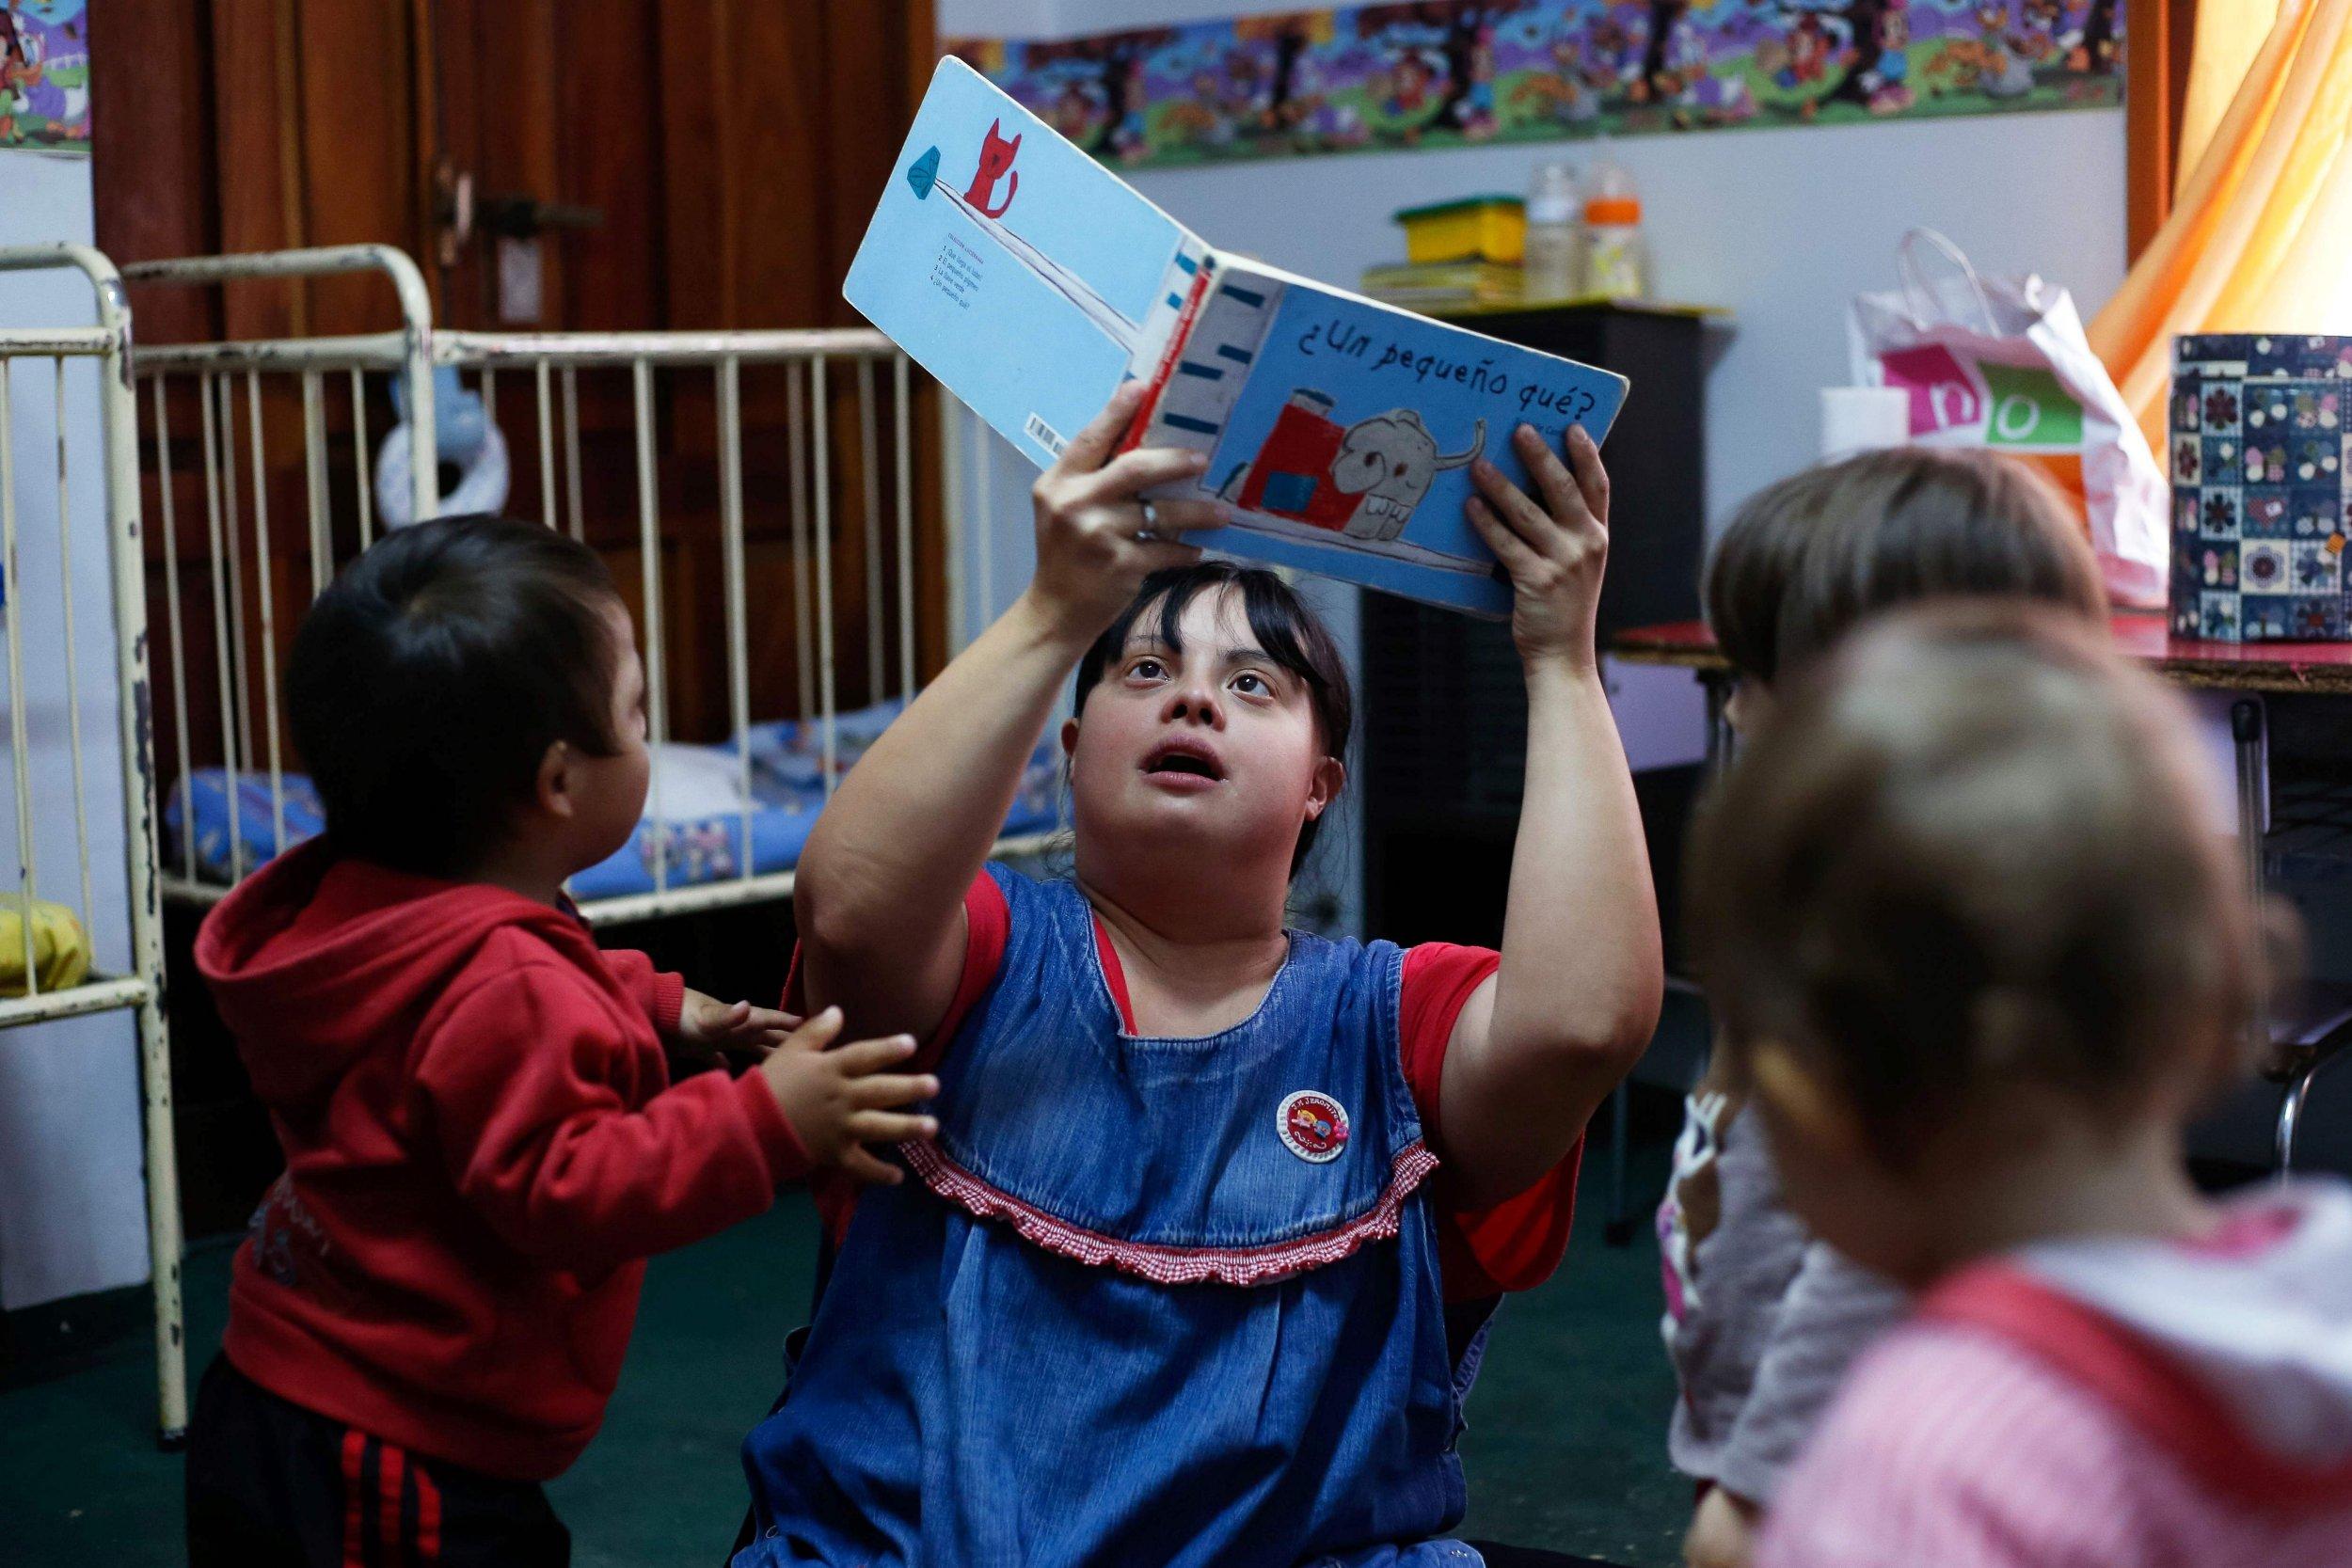 نويلا كاريلا أول معلمة حضانة في الأرجنتين من ذوي متلازمة داون